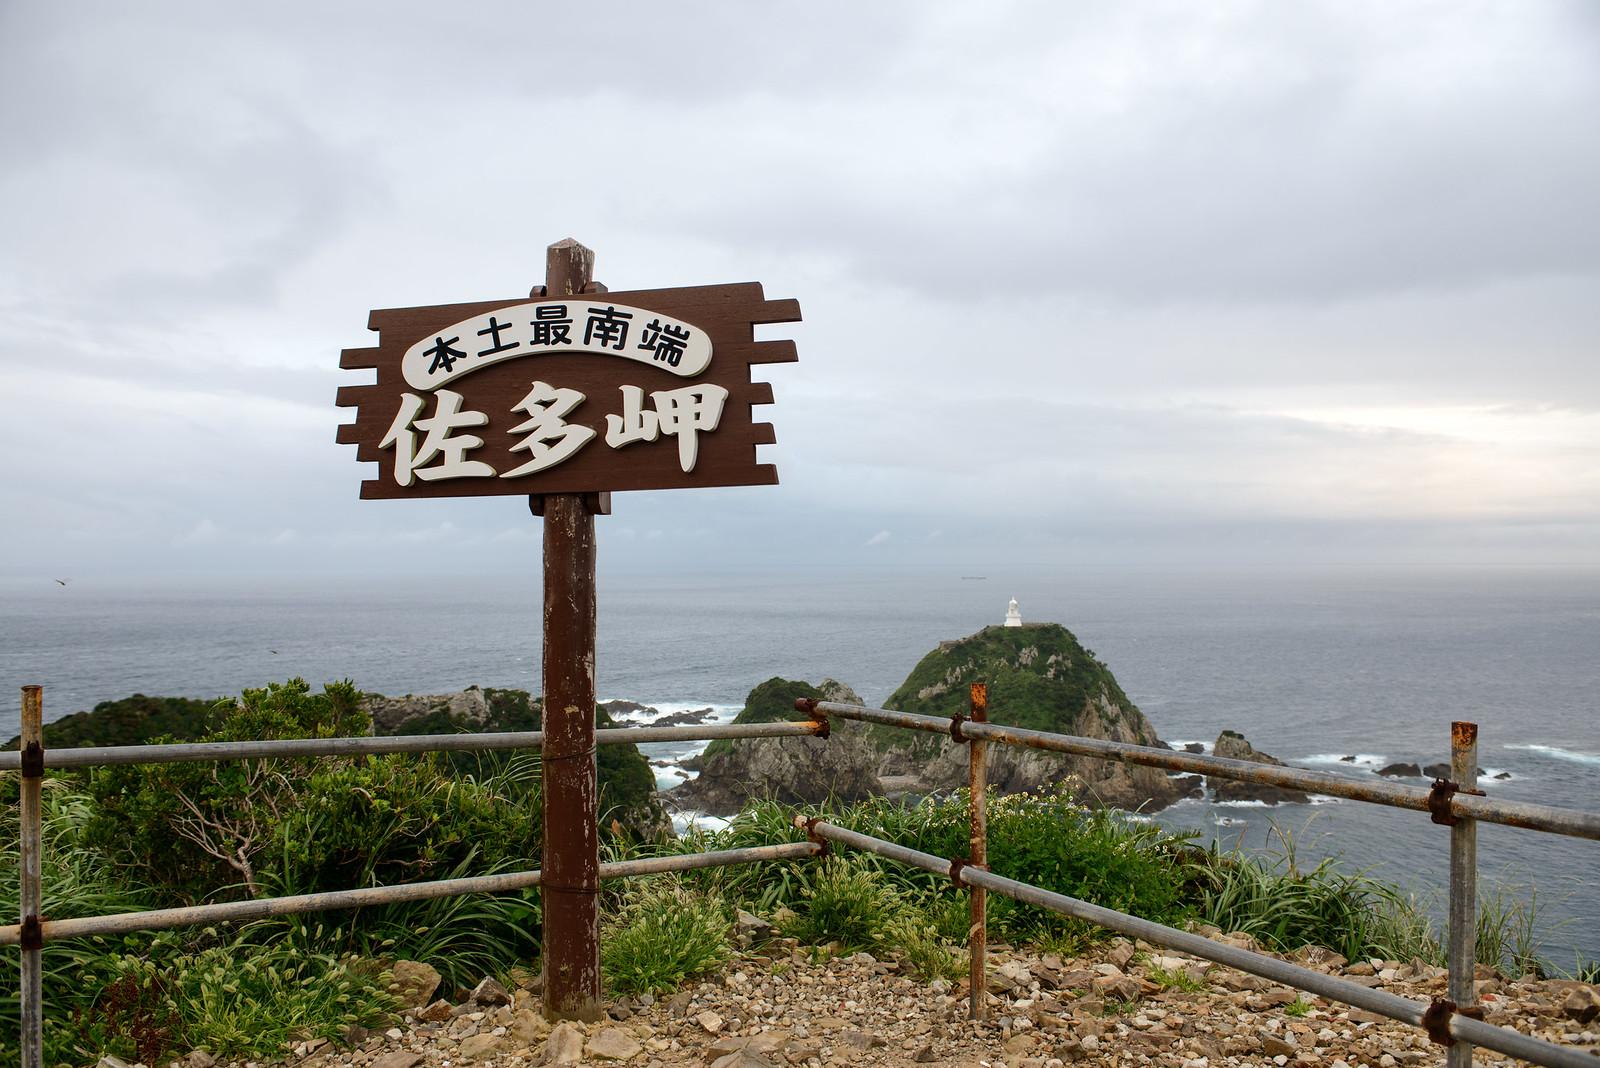 本土最南端 佐多岬を目指して。~九州ツーリング4日目~